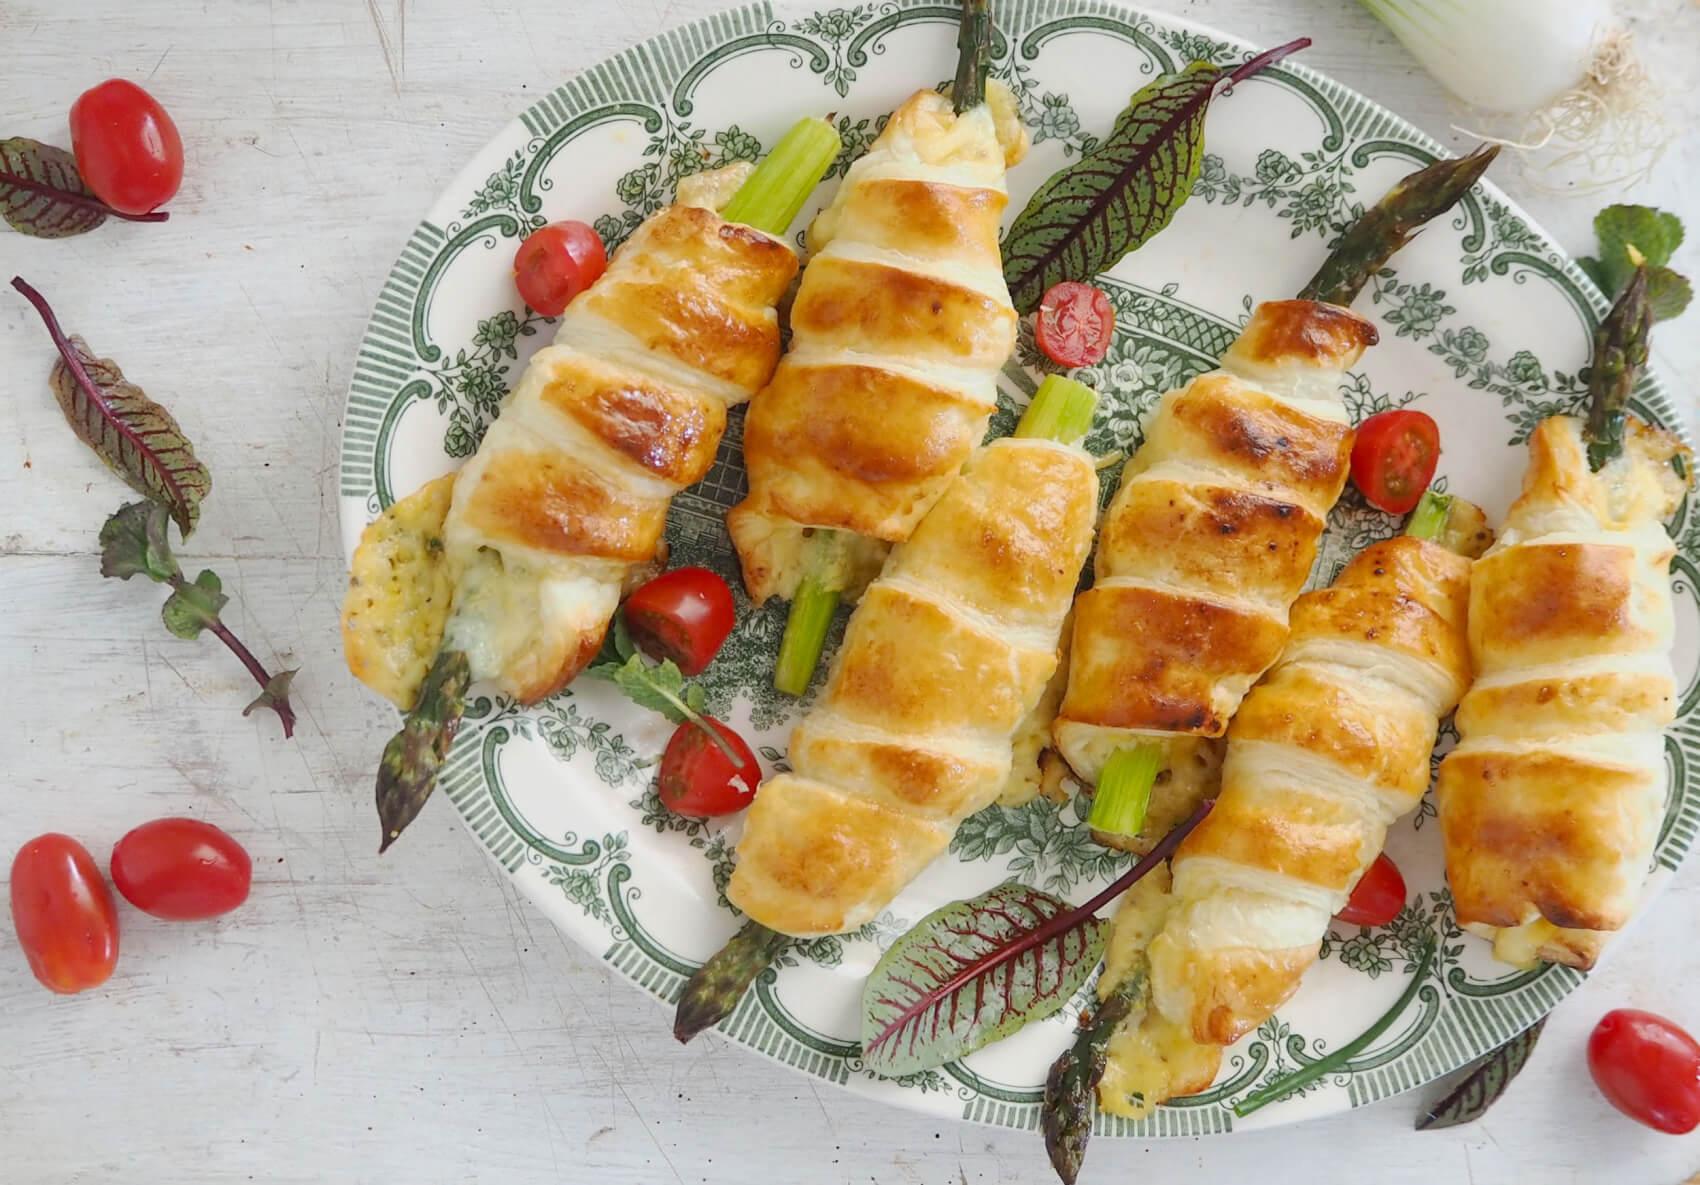 Szparagi z serem w cieście francuskim